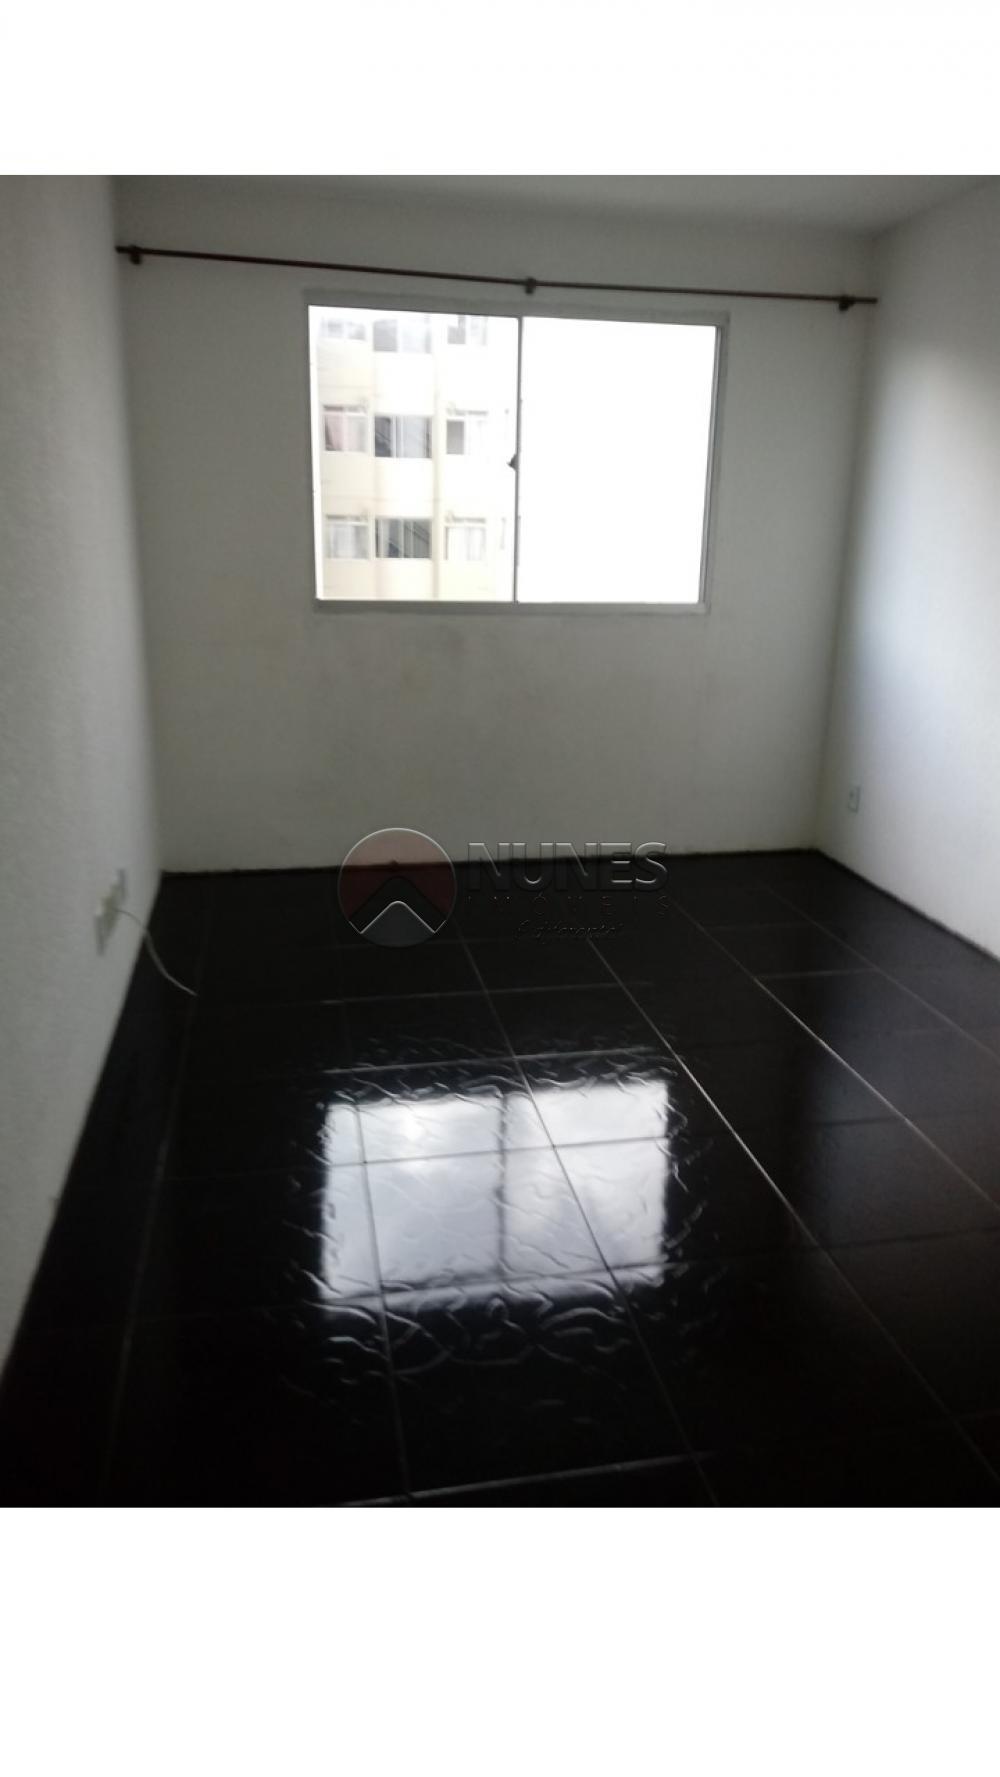 Comprar Apartamento / Padrão em Osasco apenas R$ 150.000,00 - Foto 4